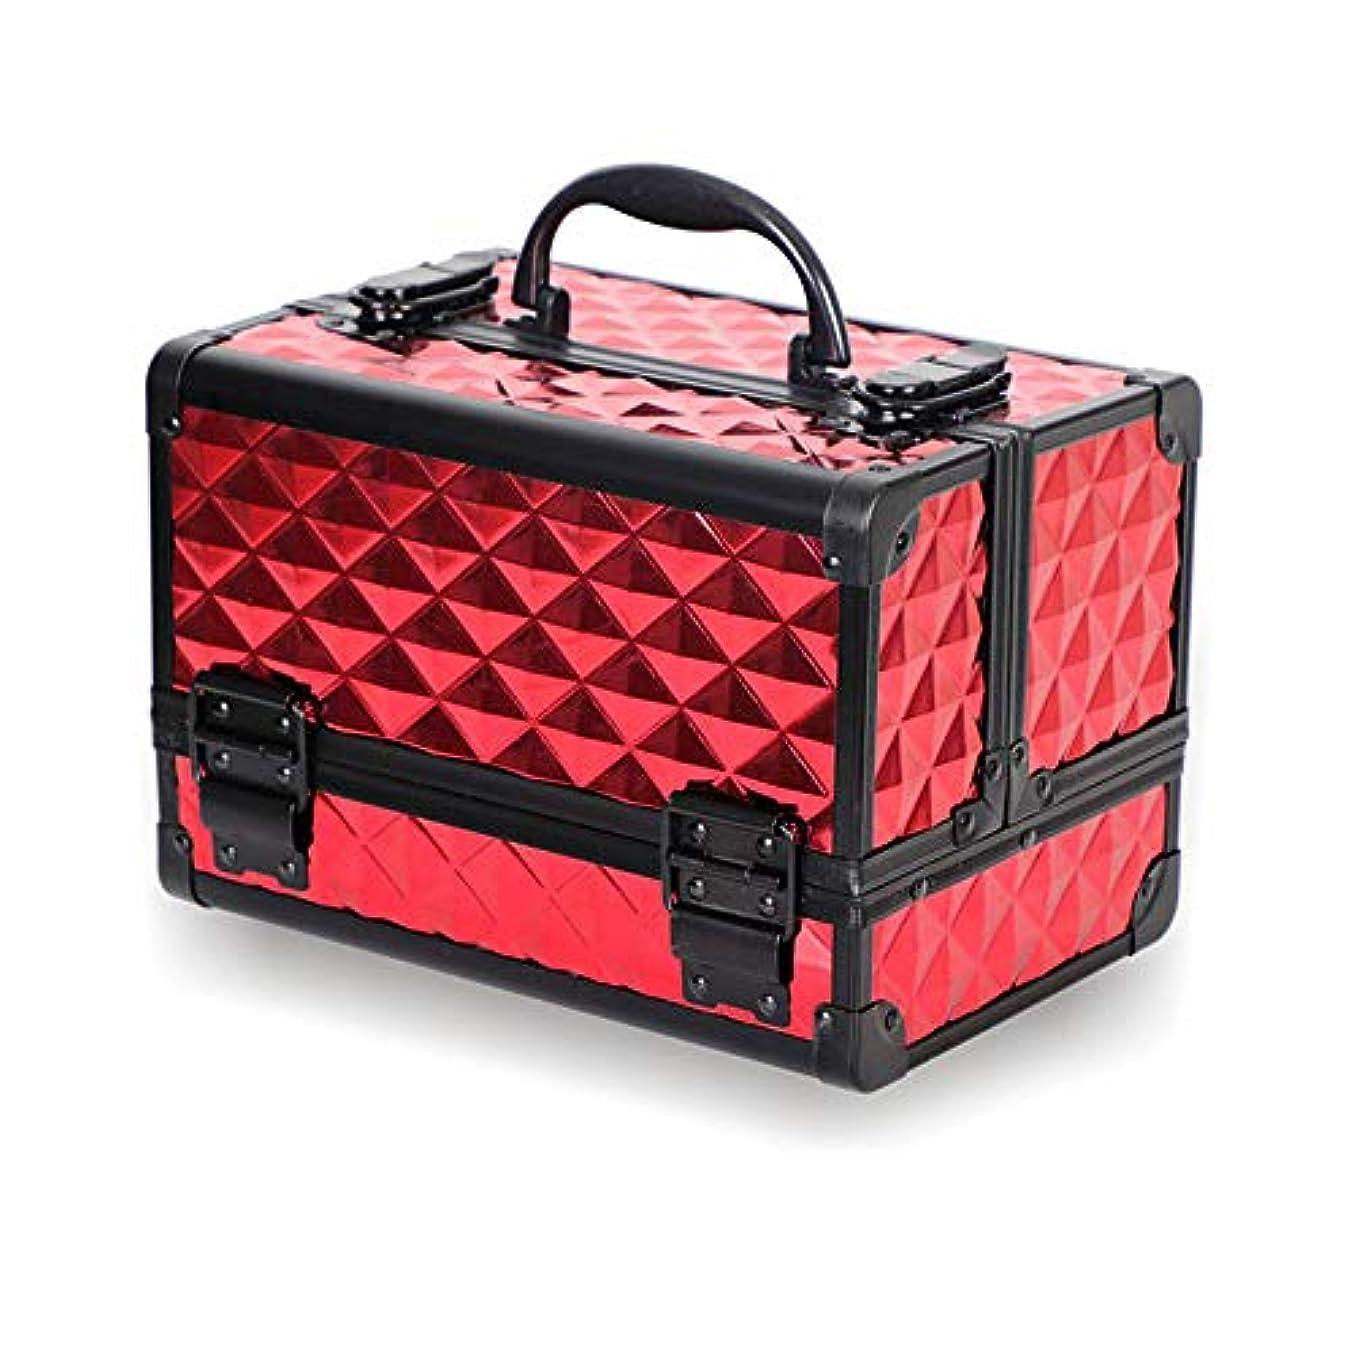 発生するビュッフェ部族特大スペース収納ビューティーボックス 美の構造のためそしてジッパーおよび折る皿が付いている女の子の女性旅行そして毎日の貯蔵のための高容量の携帯用化粧品袋 化粧品化粧台 (色 : 赤)